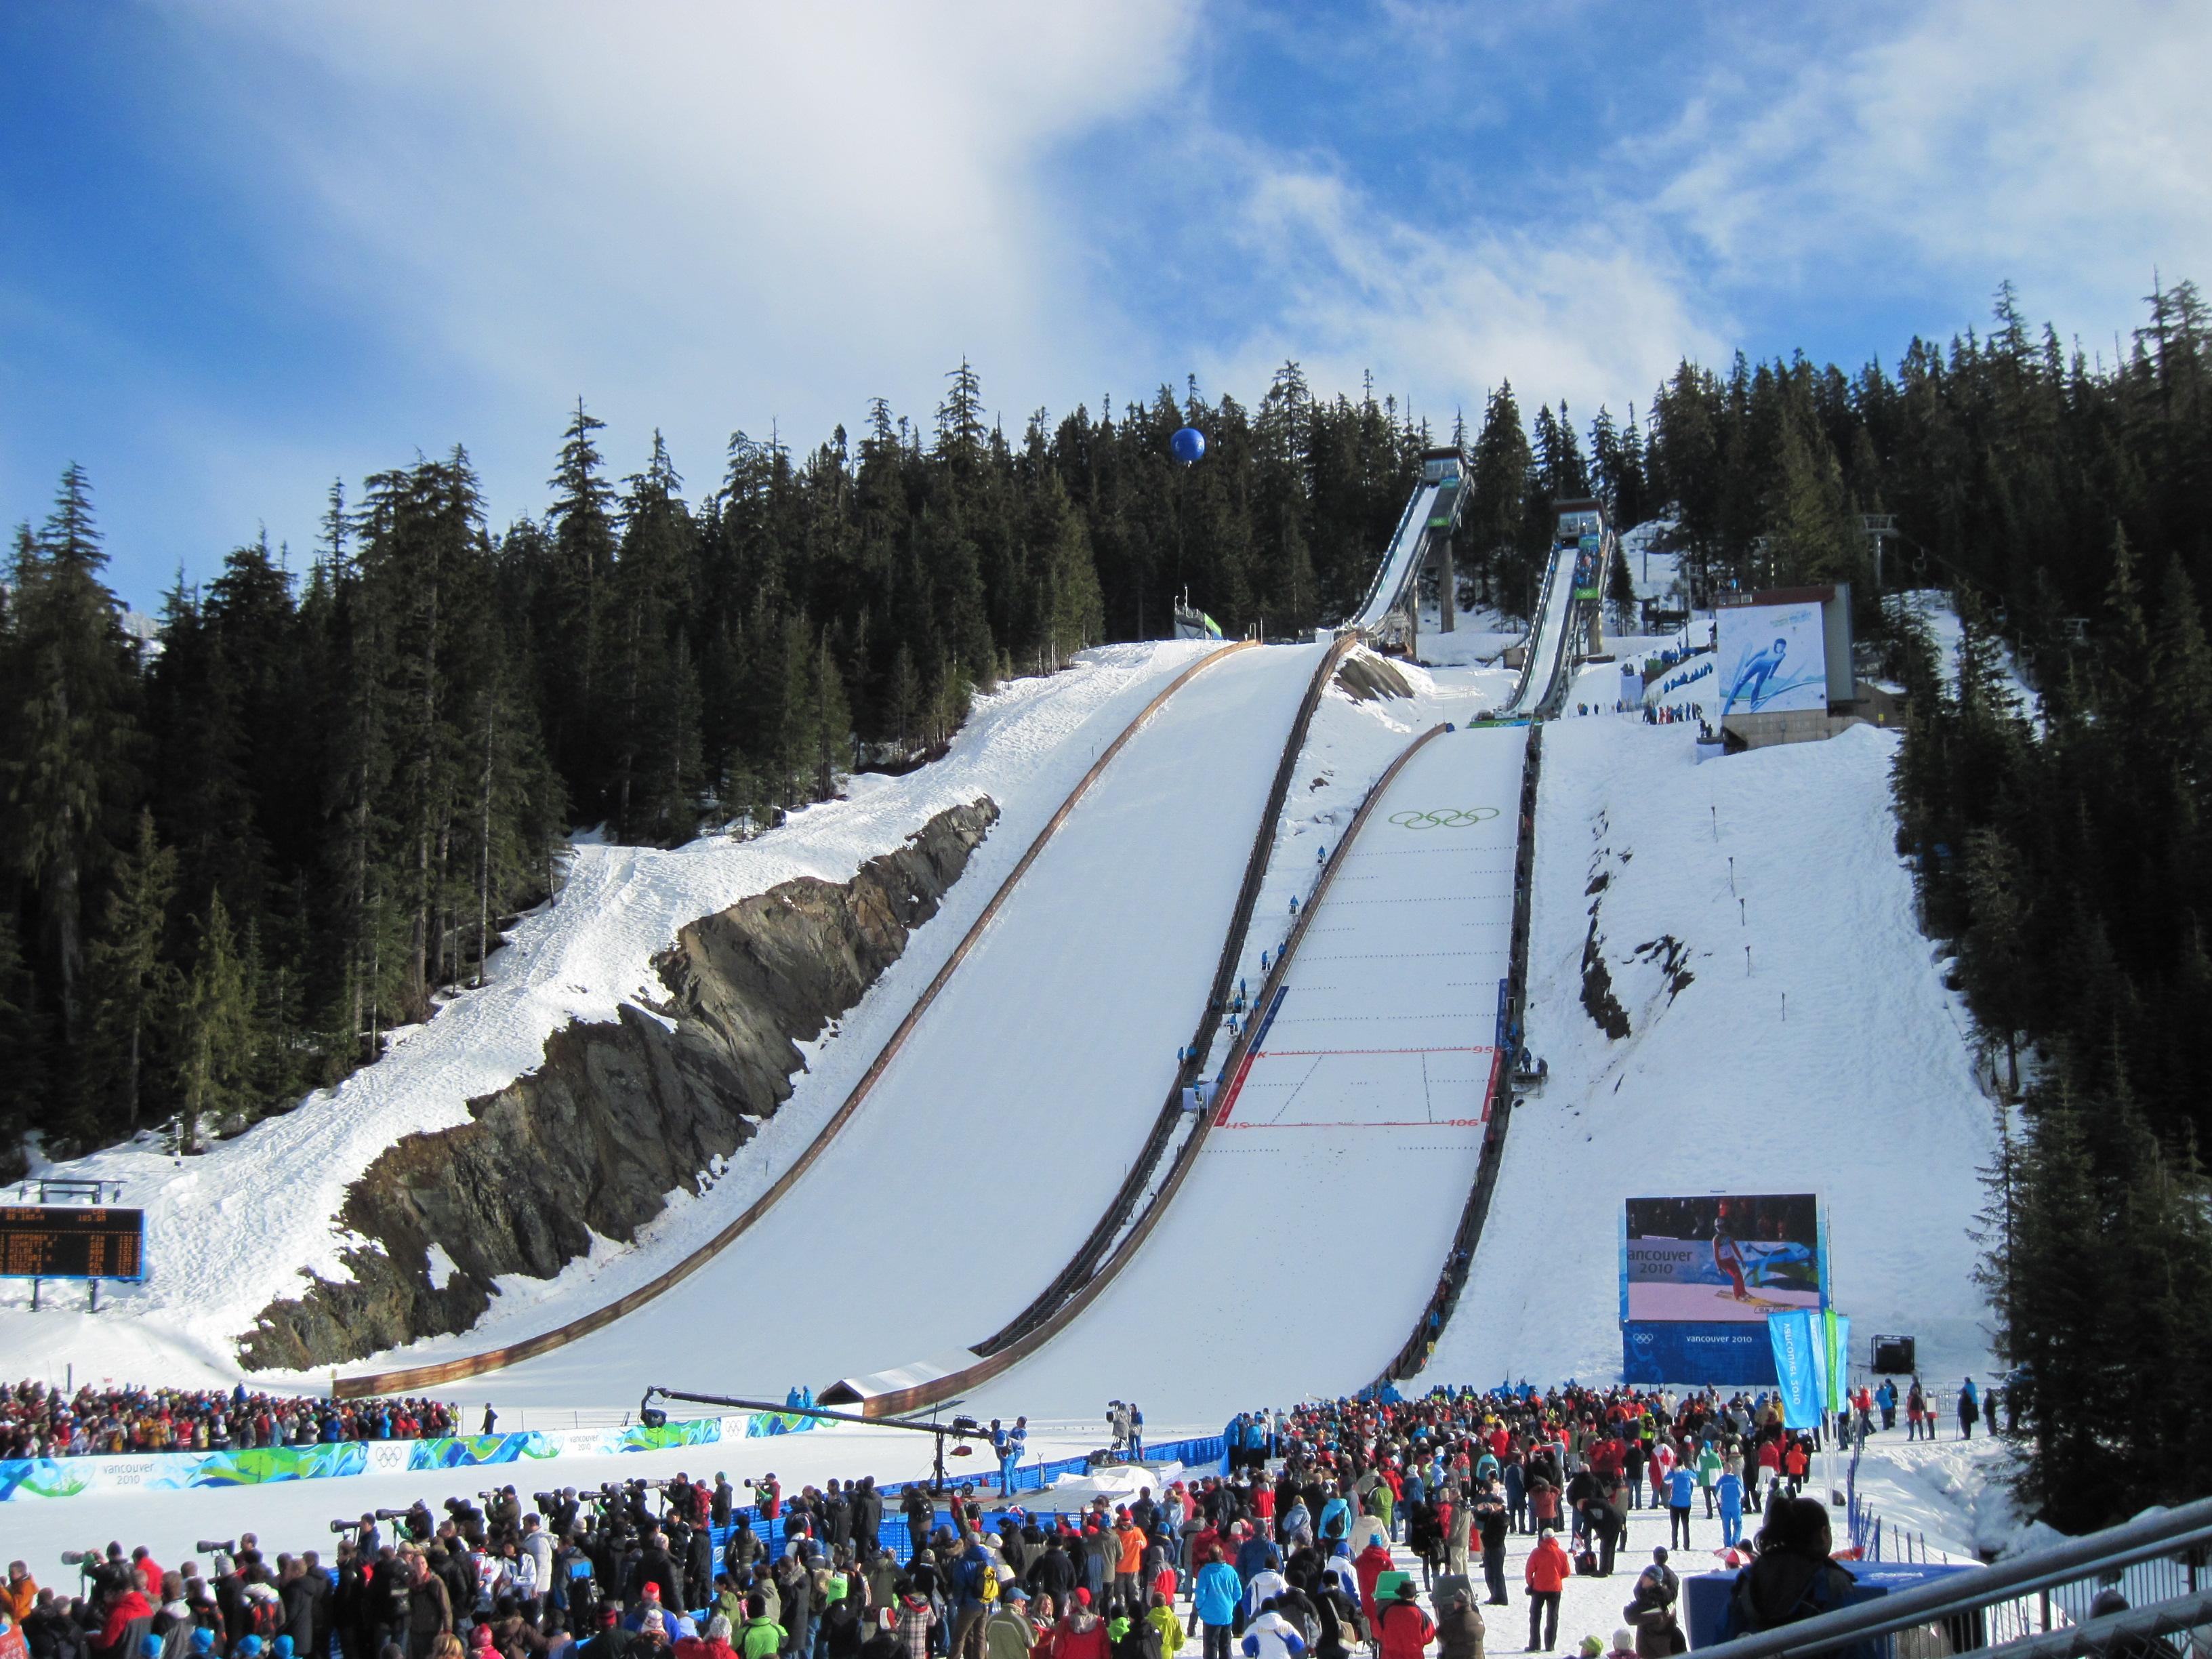 File:Ski jumping hills, Whistler 2.jpg - Wikimedia Commons